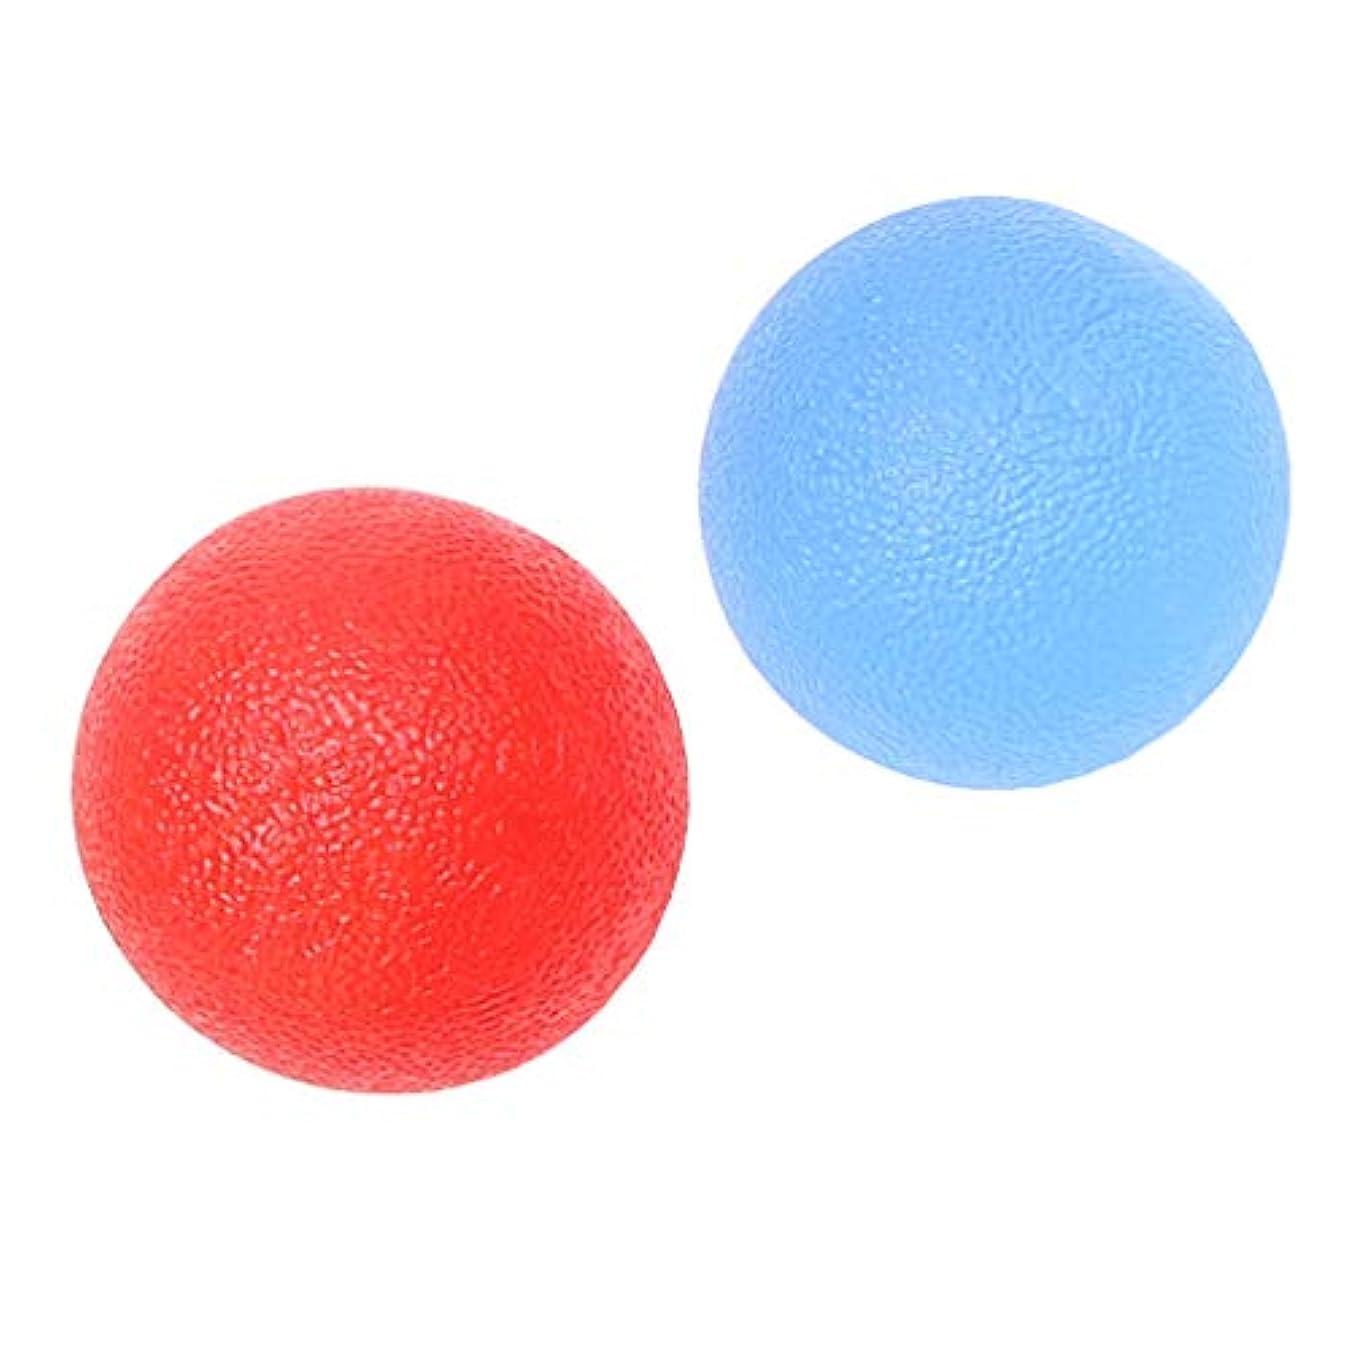 もろいアッティカスジョージバーナードFLAMEER 2個 ハンドエクササイズボール ハンドグリップ シリコン 指トレーニング ストレス緩和 柔軟 赤/青